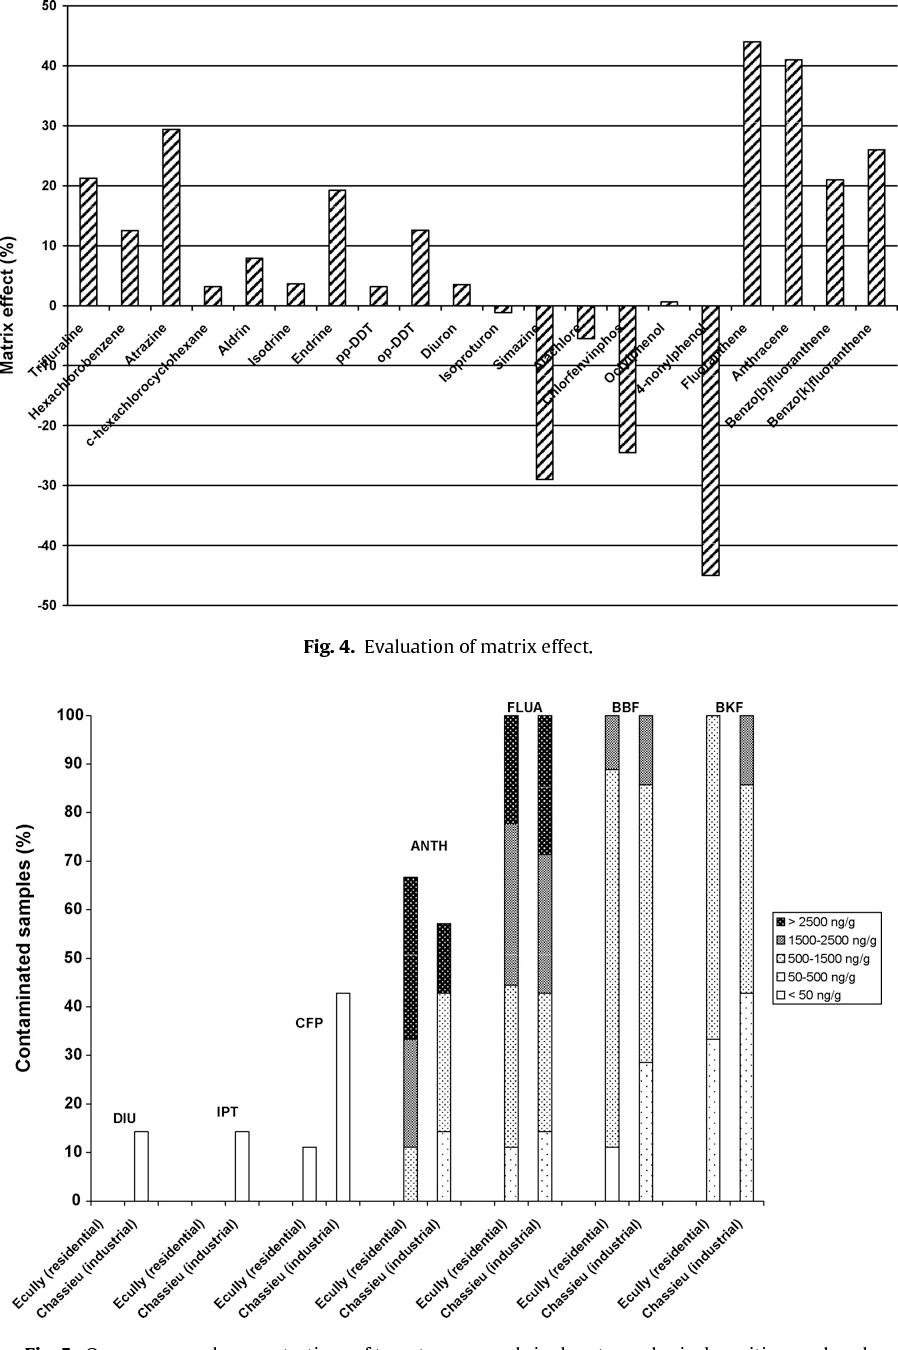 Fig. 4. Evaluation of matrix effect.